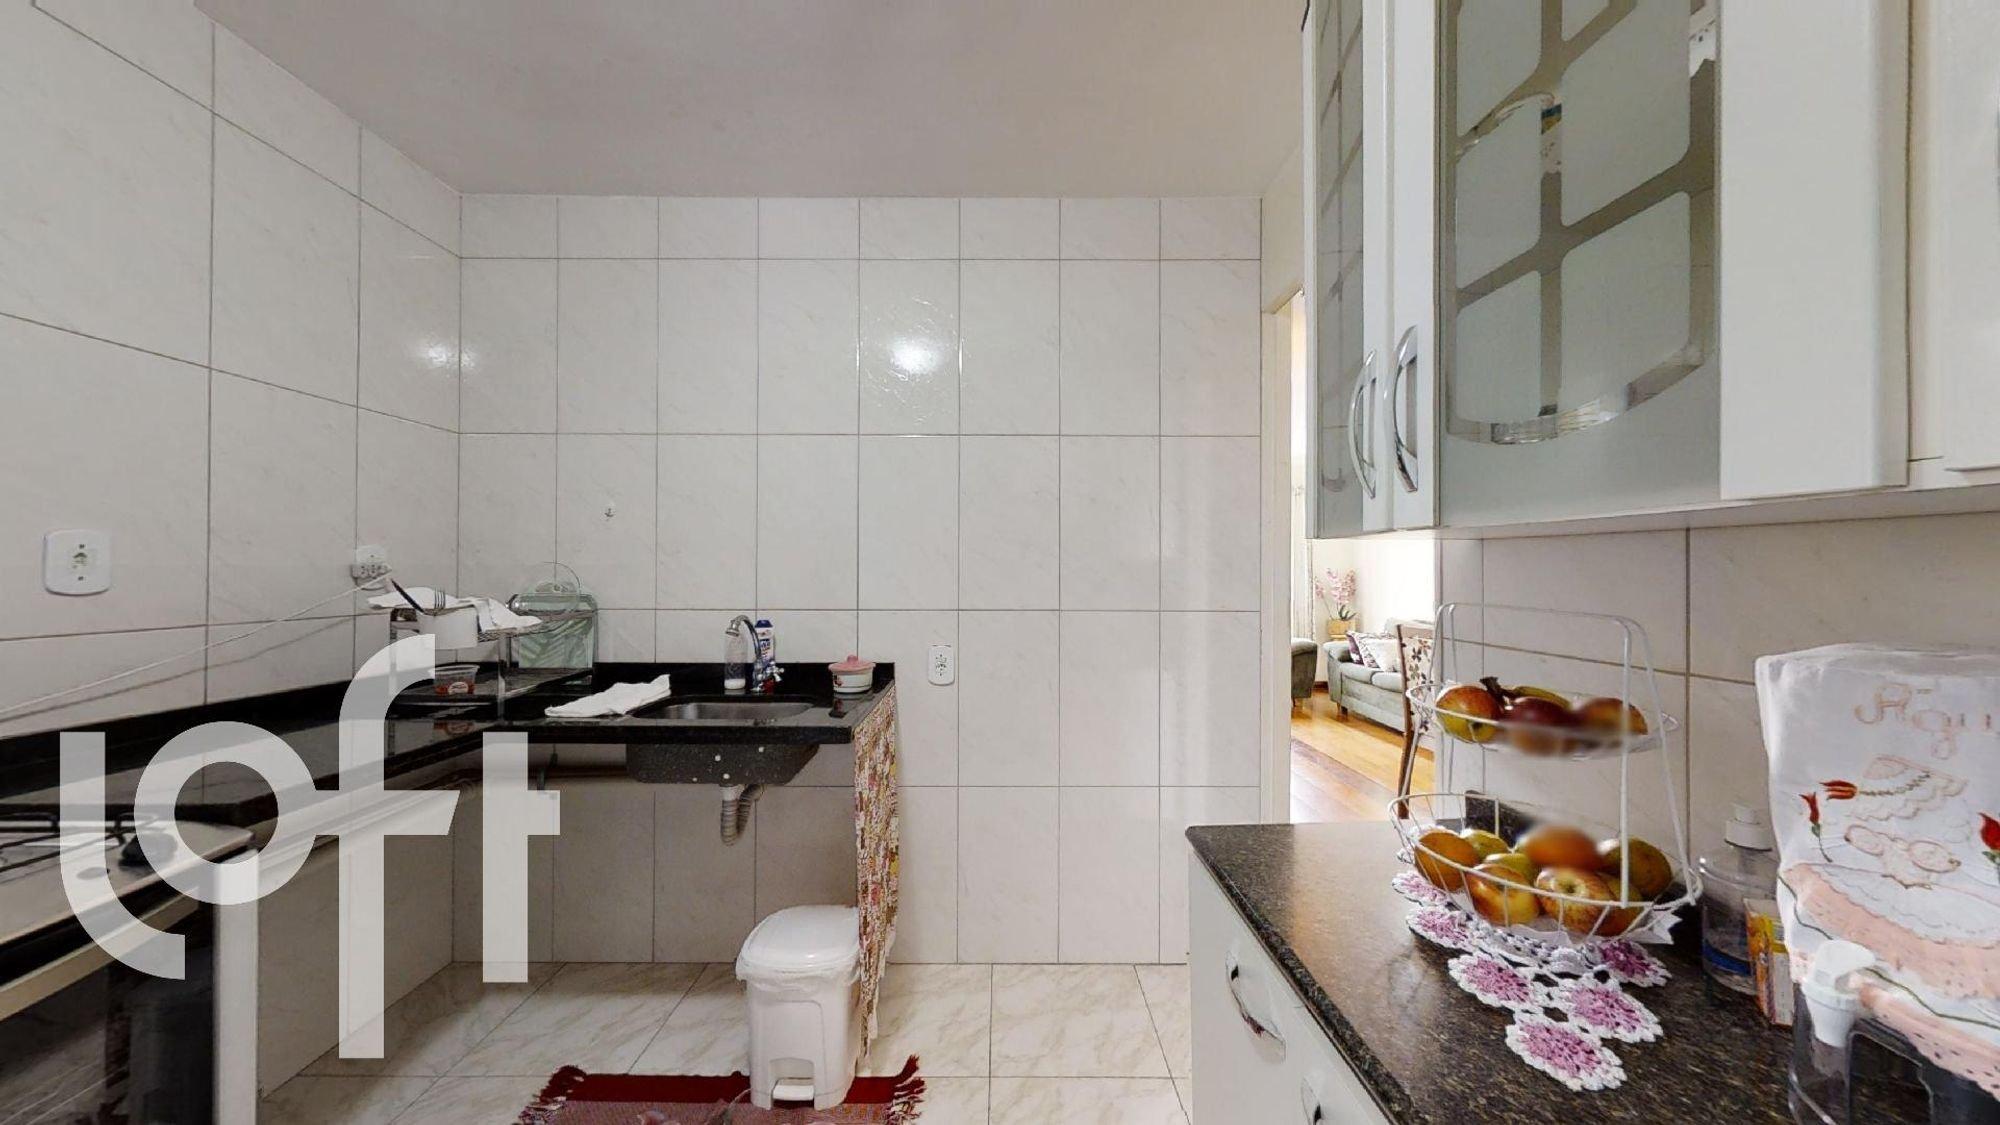 Foto de Cozinha com cama, pia